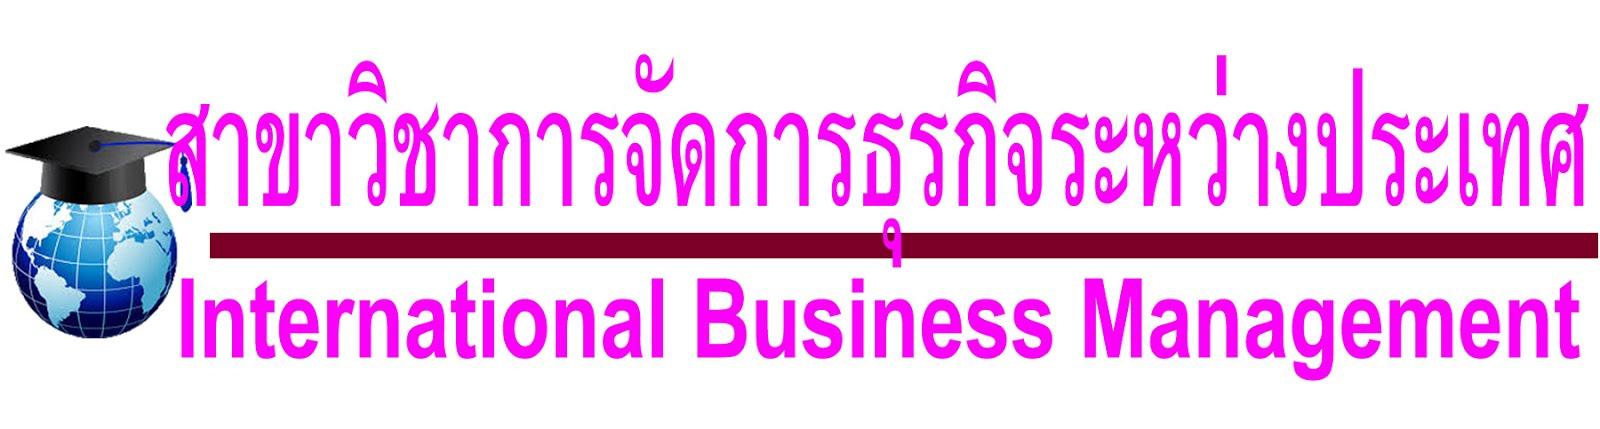 สาขาวิชาการจัดการธุรกิจระหว่างประเทศ